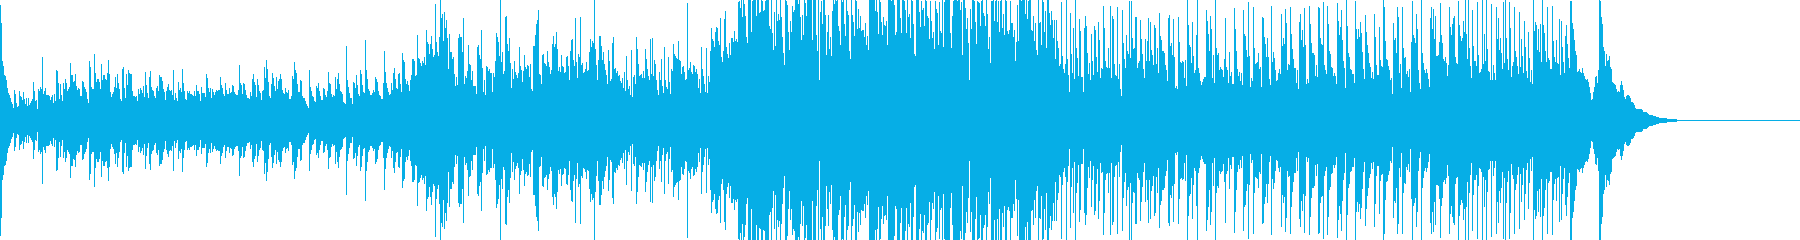 音響フォーク研究所まろやかな心温まる土。の再生済みの波形